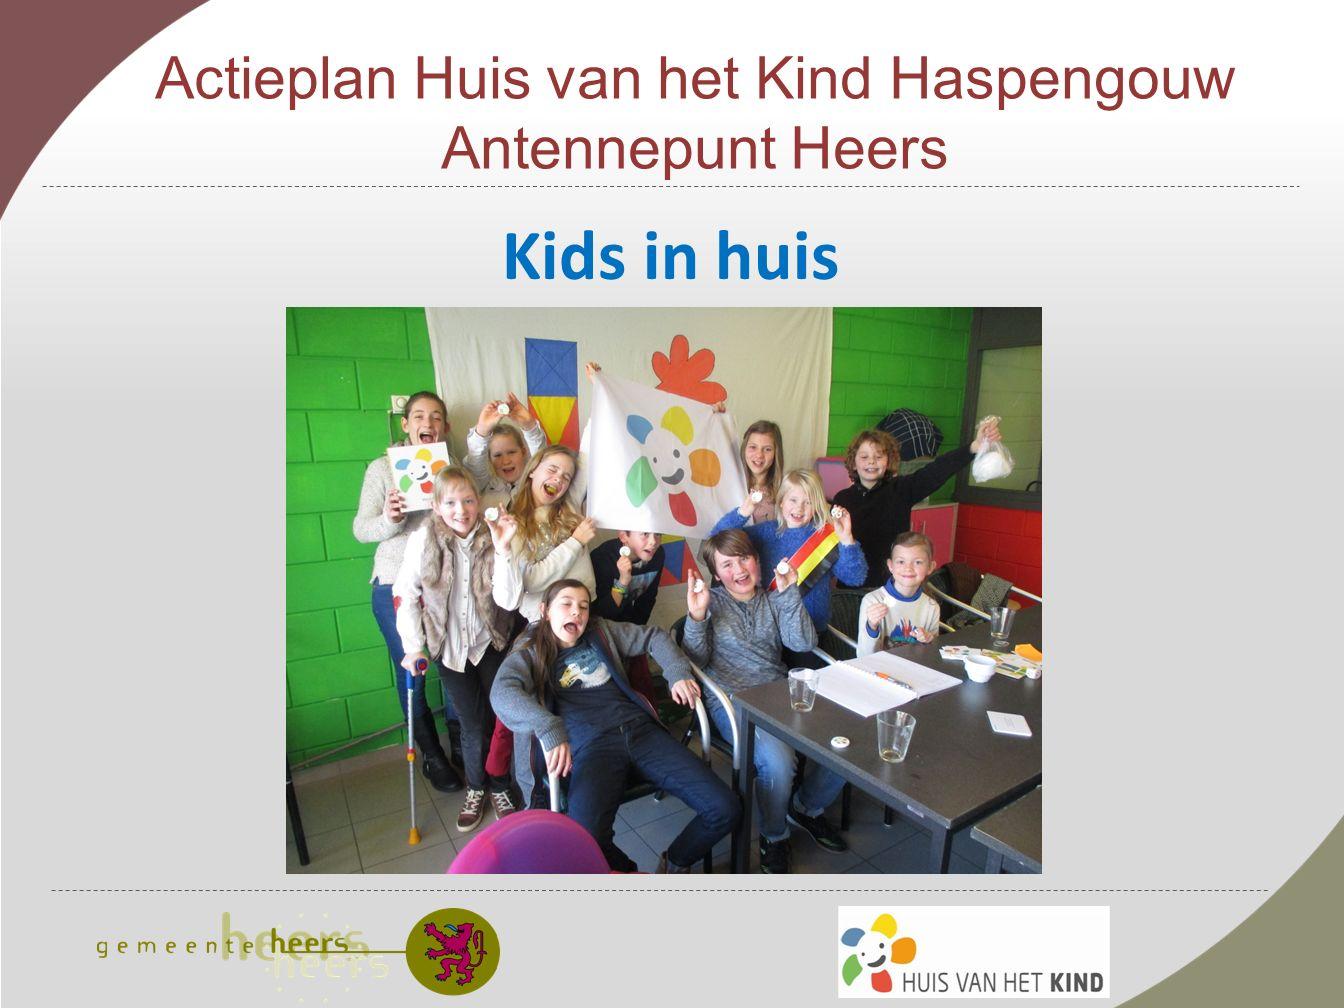 Actieplan Huis van het Kind Haspengouw Antennepunt Heers Kids in huis